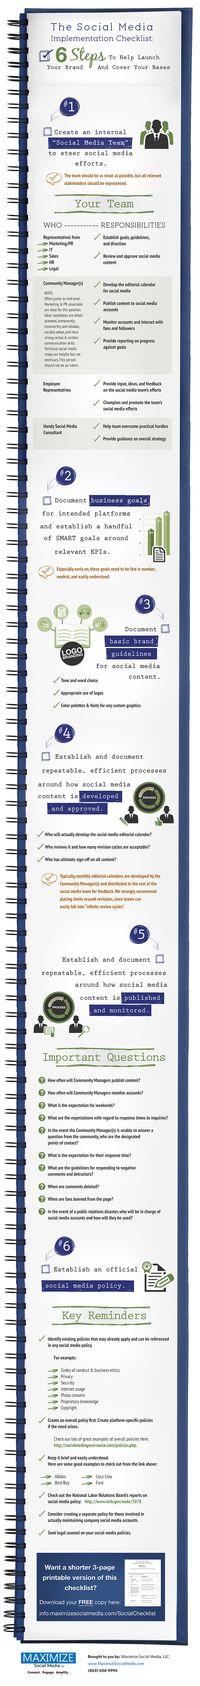 Social Media Implementation Checklist | Social Media  & Community Management